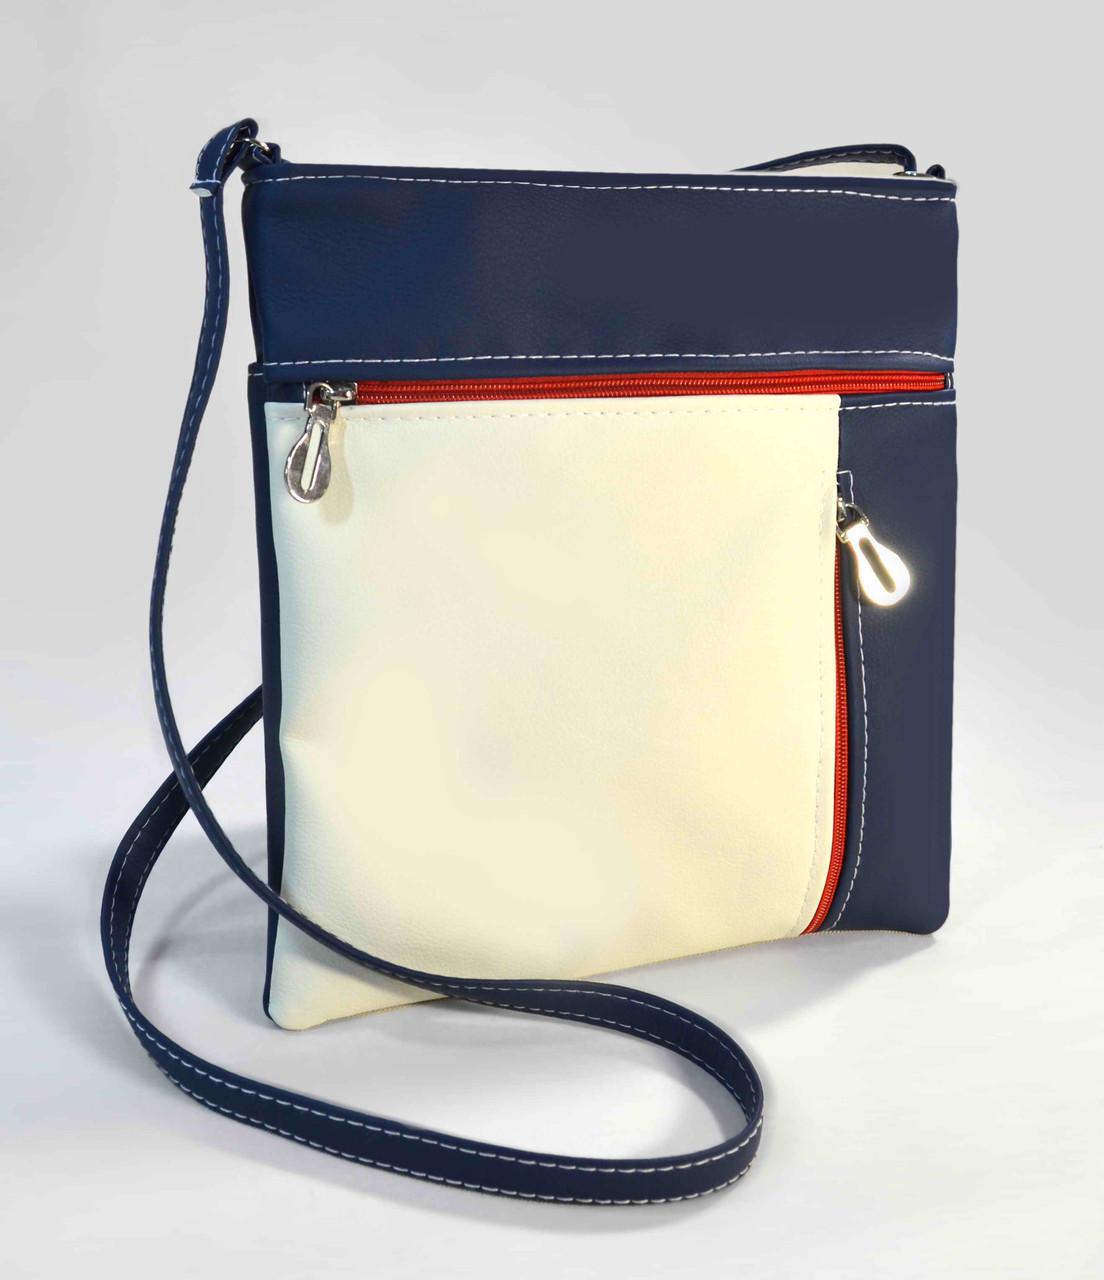 9d1bfb107038 Женская сумка-планшет